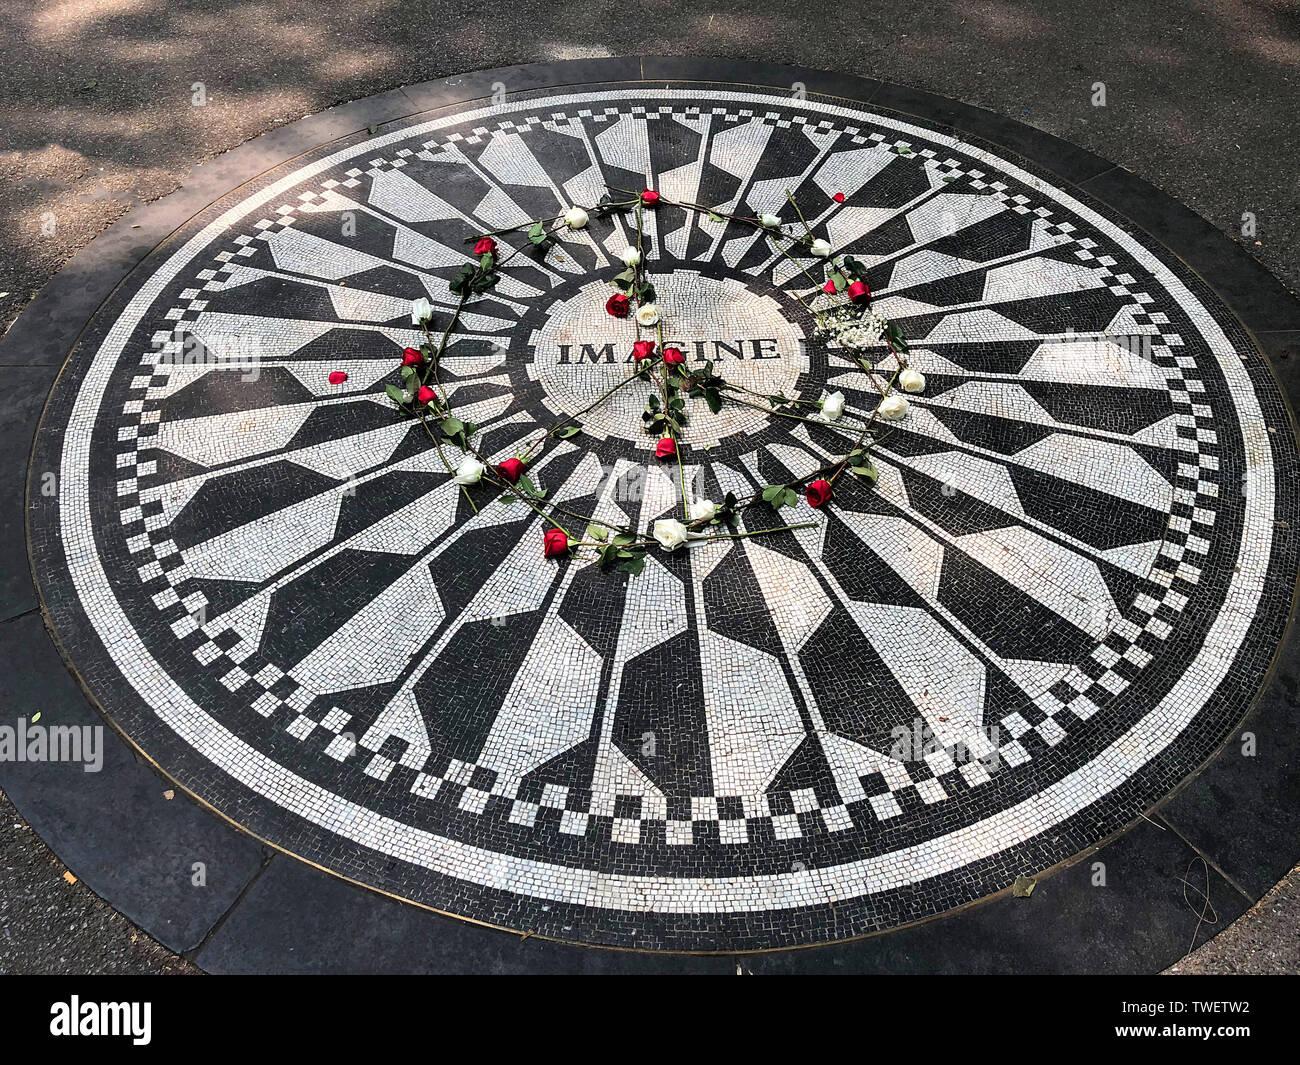 John Lennon's Imagine memorial, Strawberry Fields Forever, Central Park, New York City, New York, USA Stock Photo